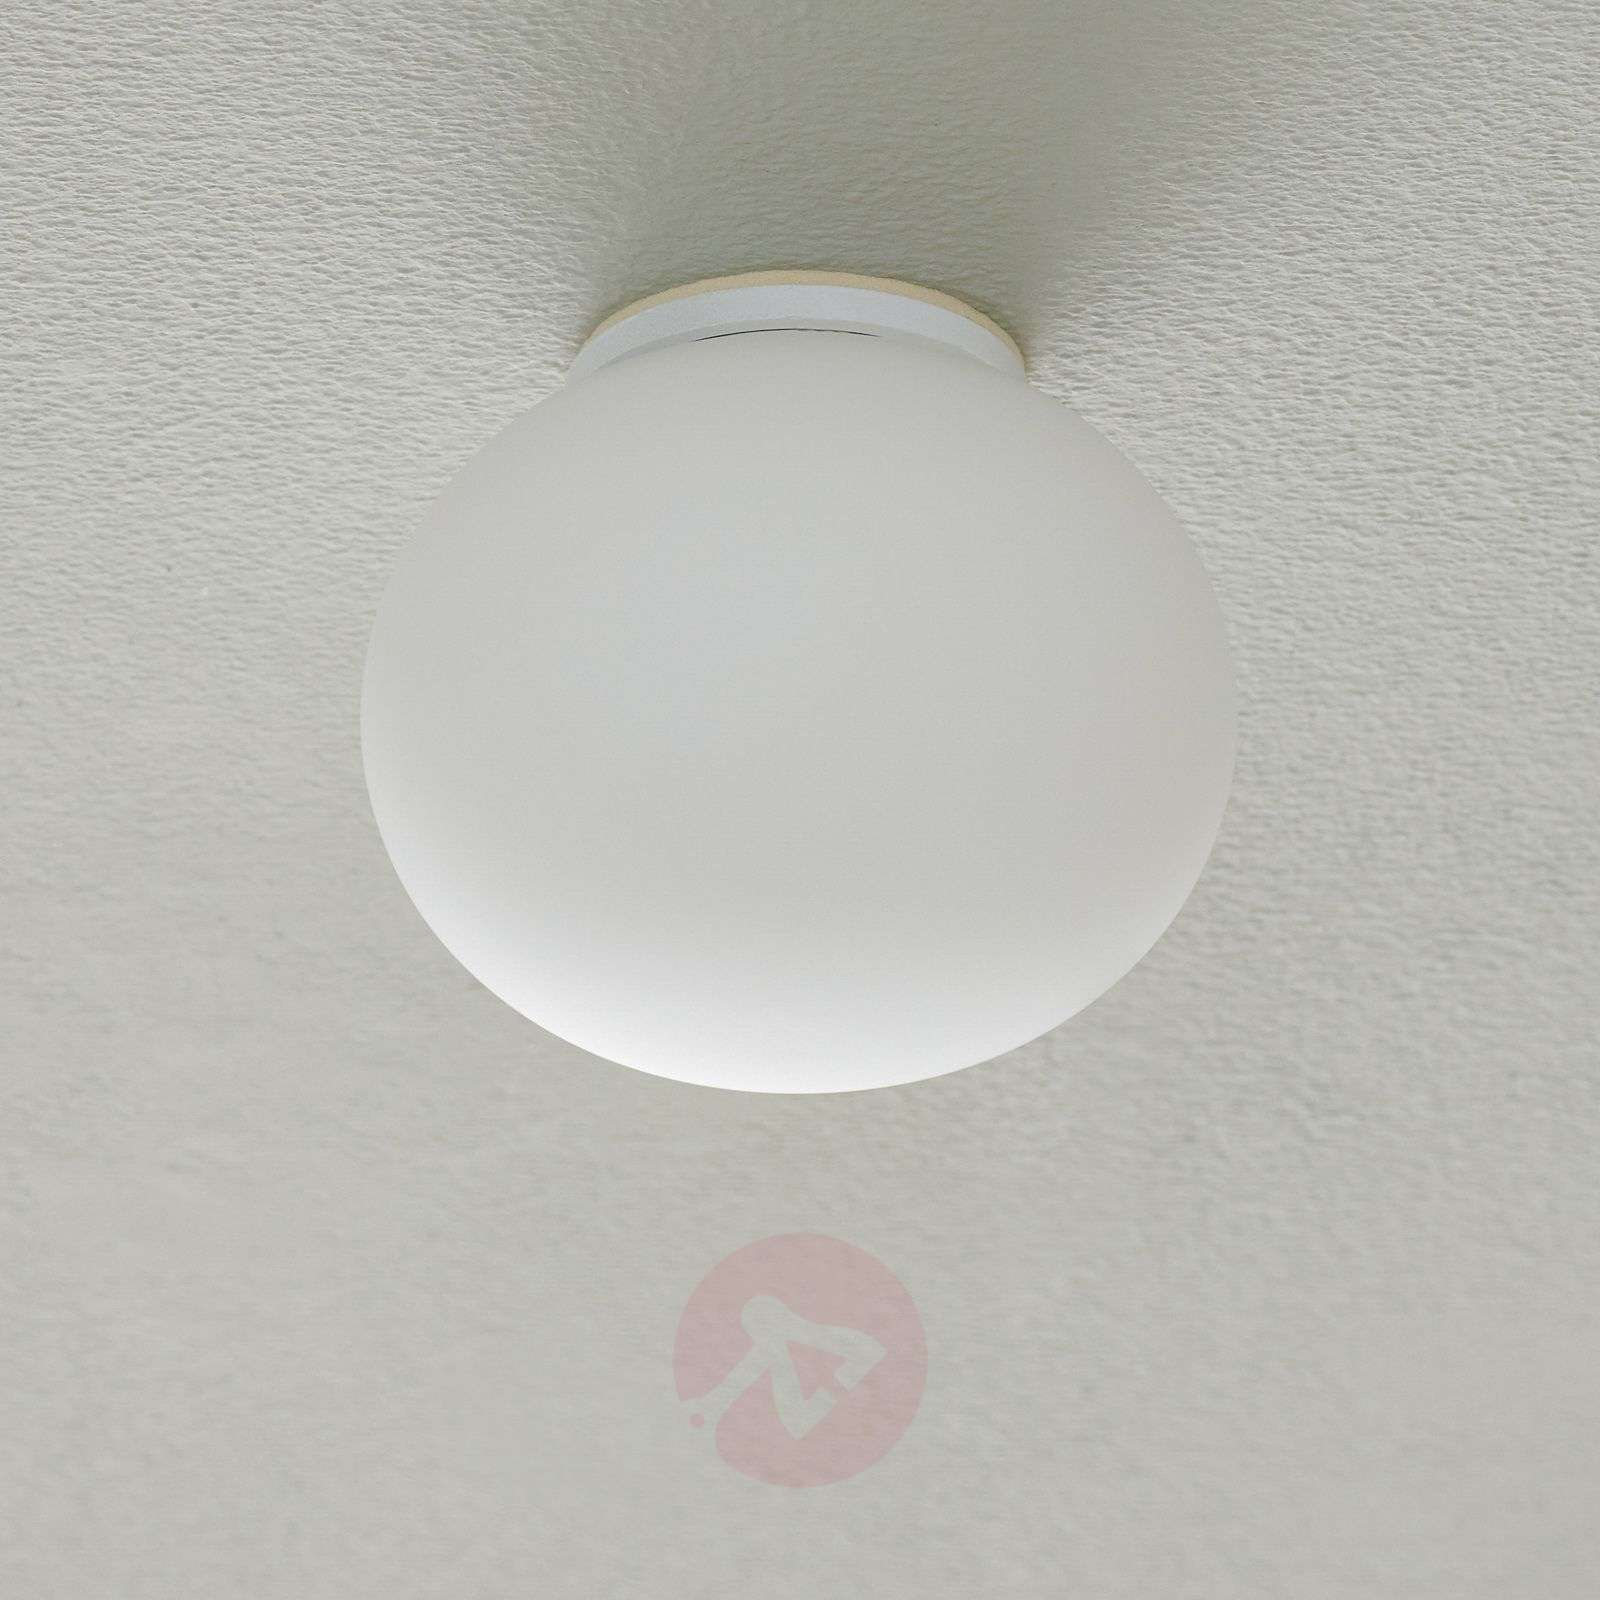 Mini Glo-Ball C-W-seinävalaisin-3510290-01